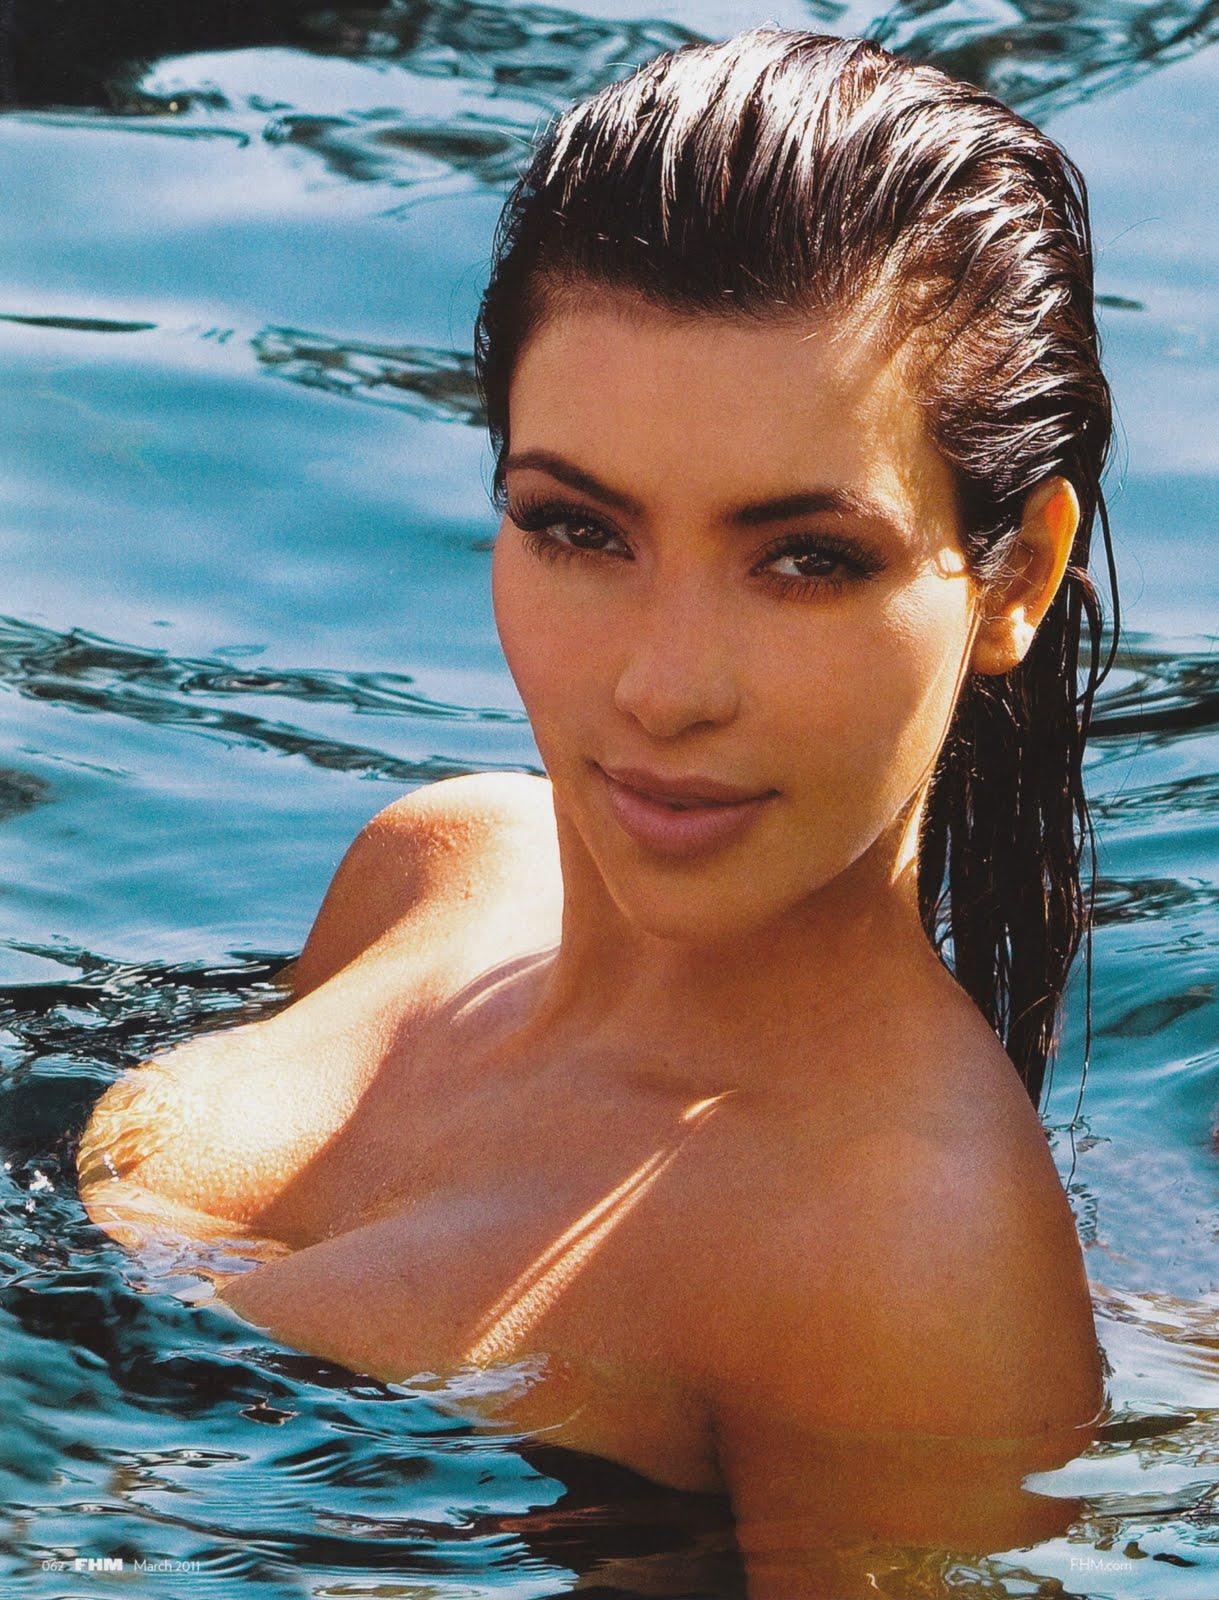 http://1.bp.blogspot.com/-h0GQY09q_Ms/TfFn--7sDwI/AAAAAAAABXo/F7cbSWpUM2o/s1600/Kim-Kardashian-41.jpg